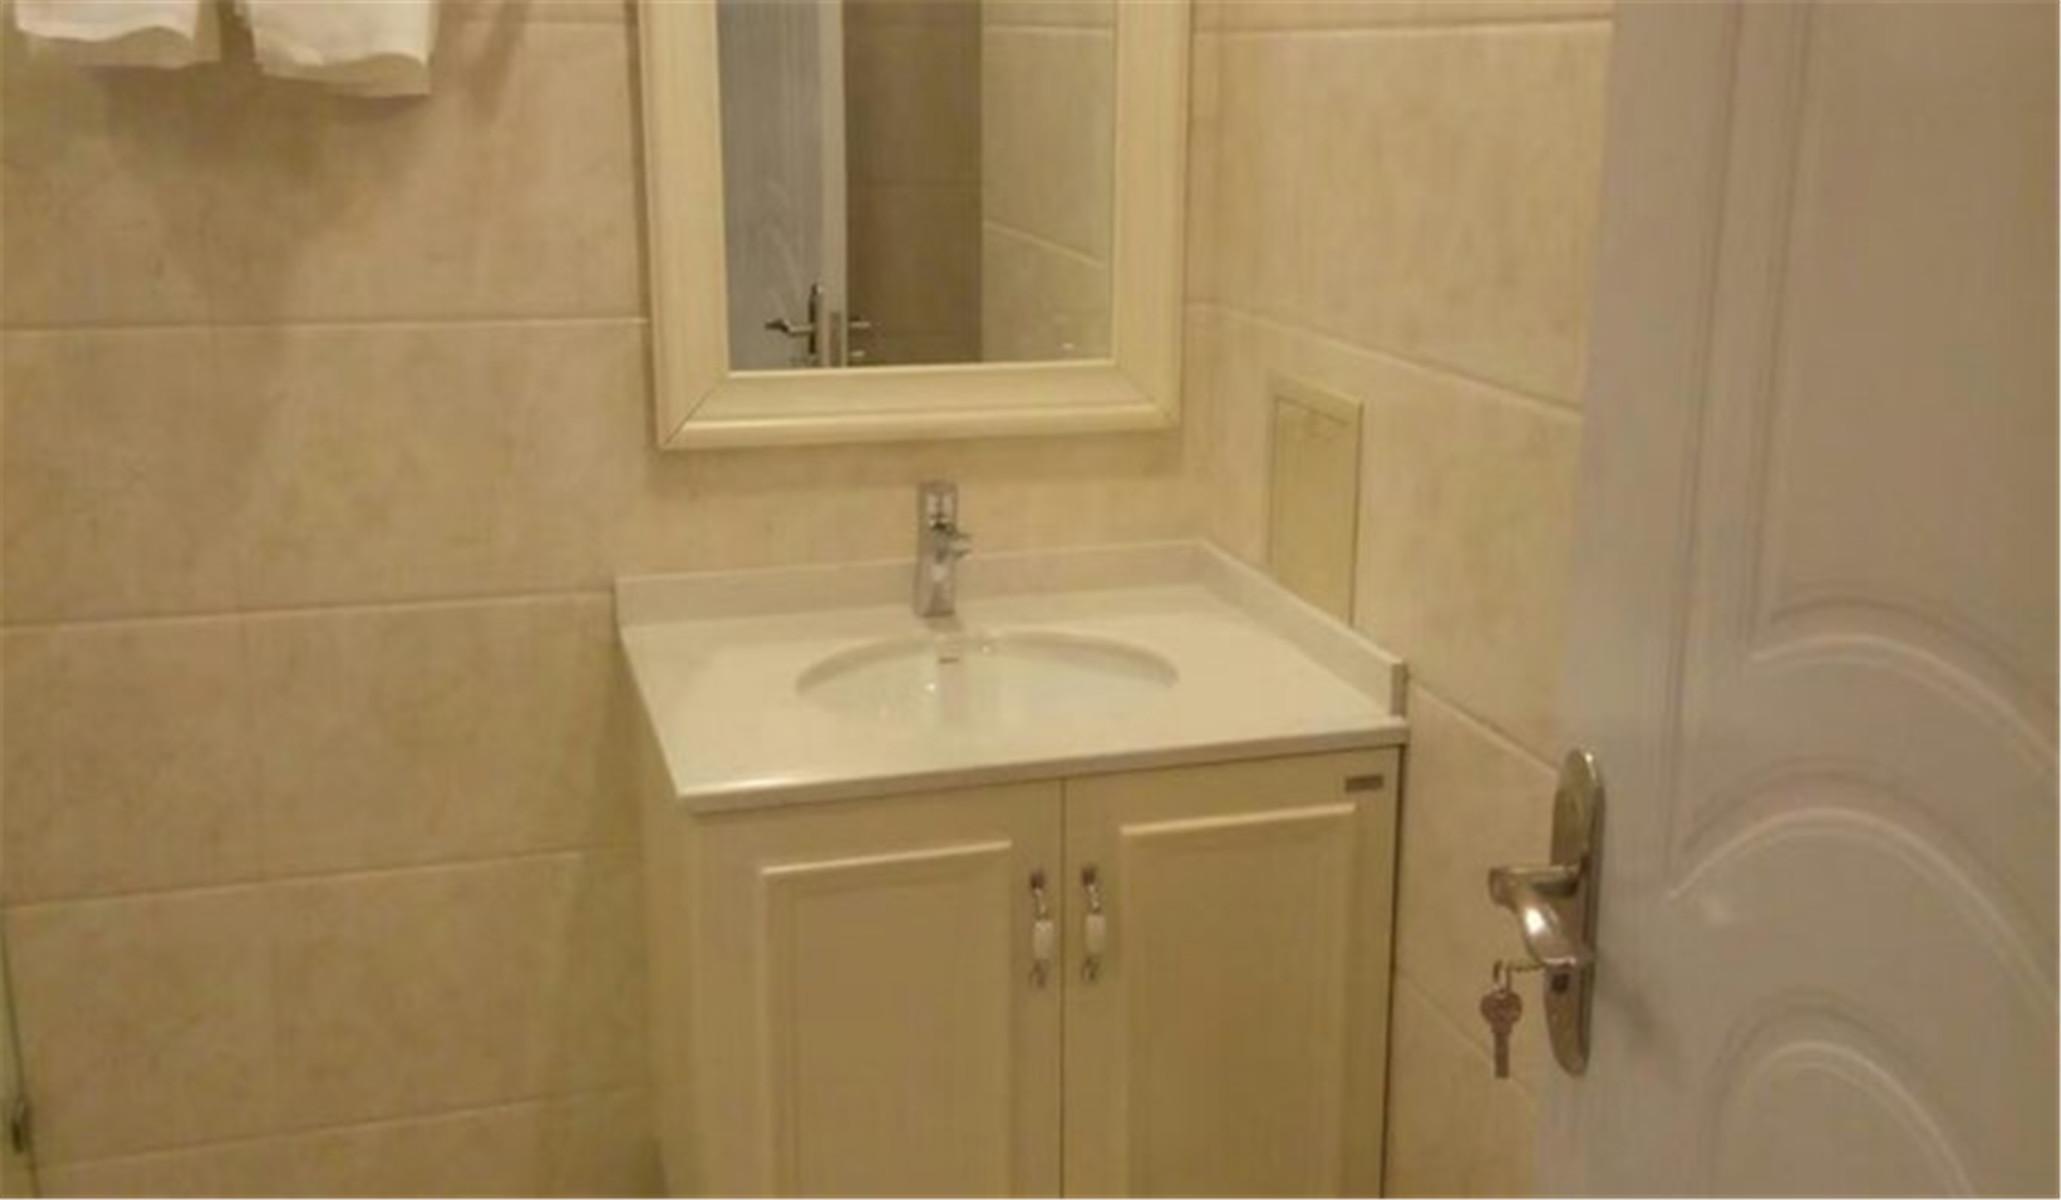 西宁桔希品质生活公寓中式大床房